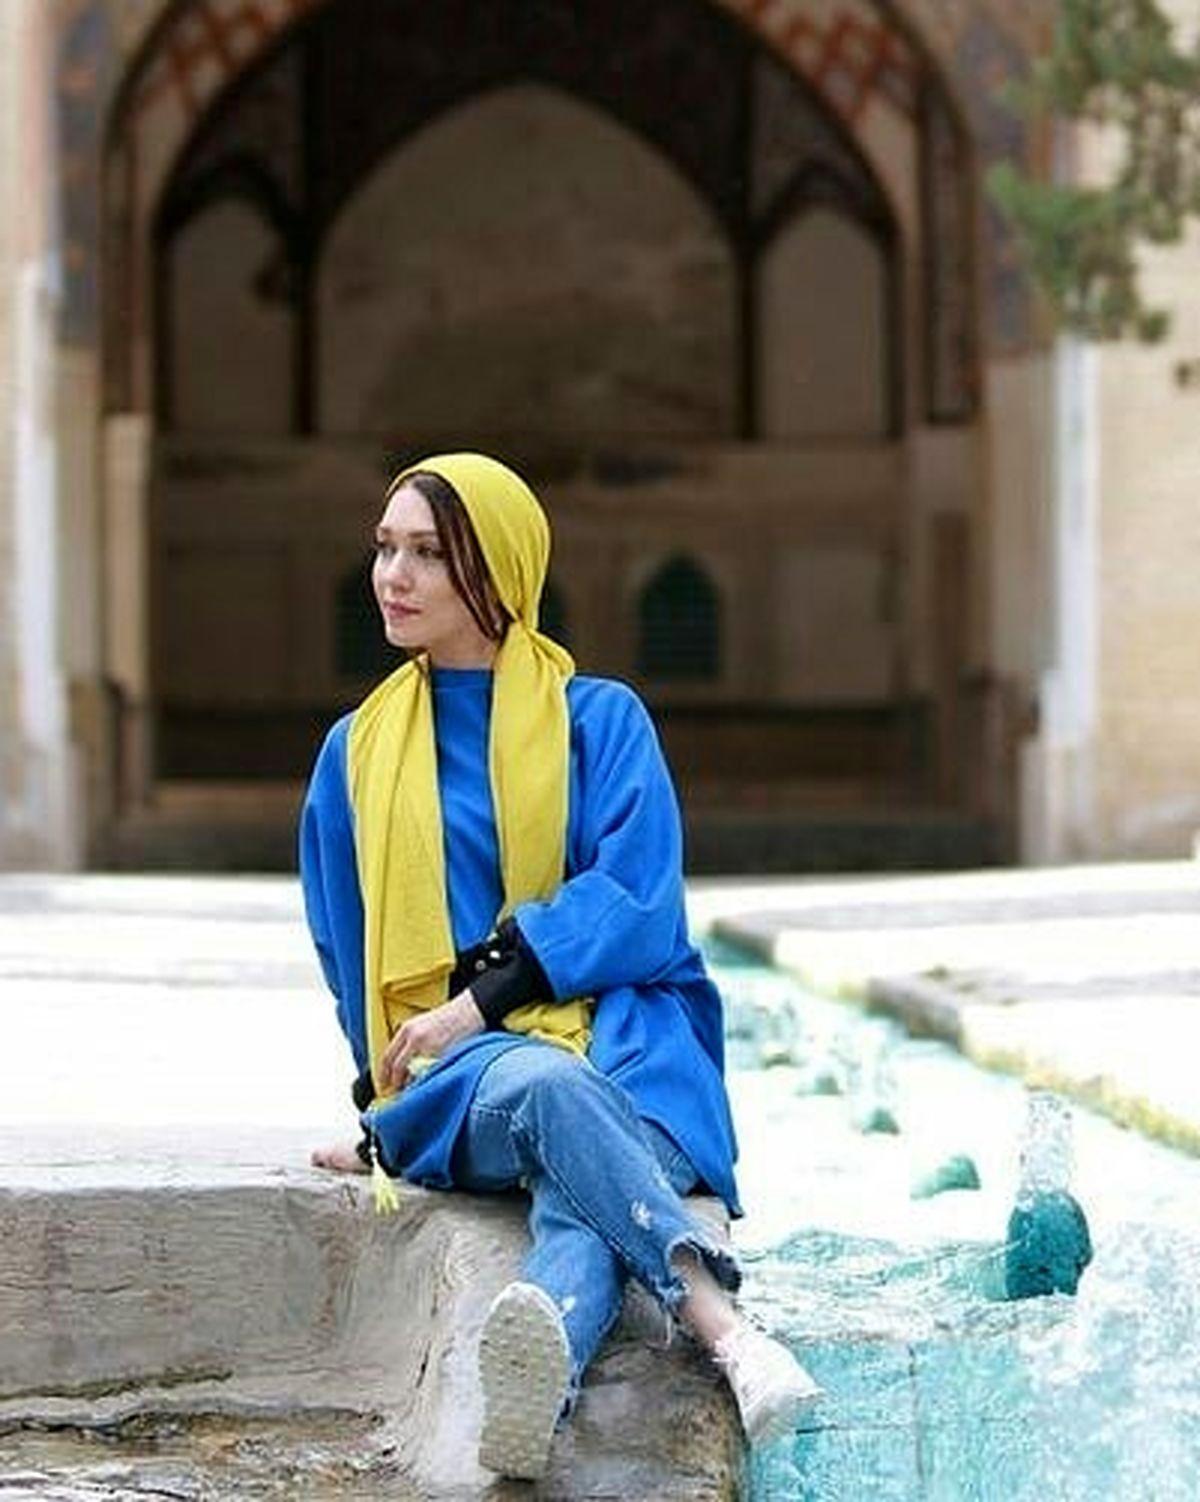 شلوار کوتاه و پاهای برهنه شهرزاد کمال زاده + عکس